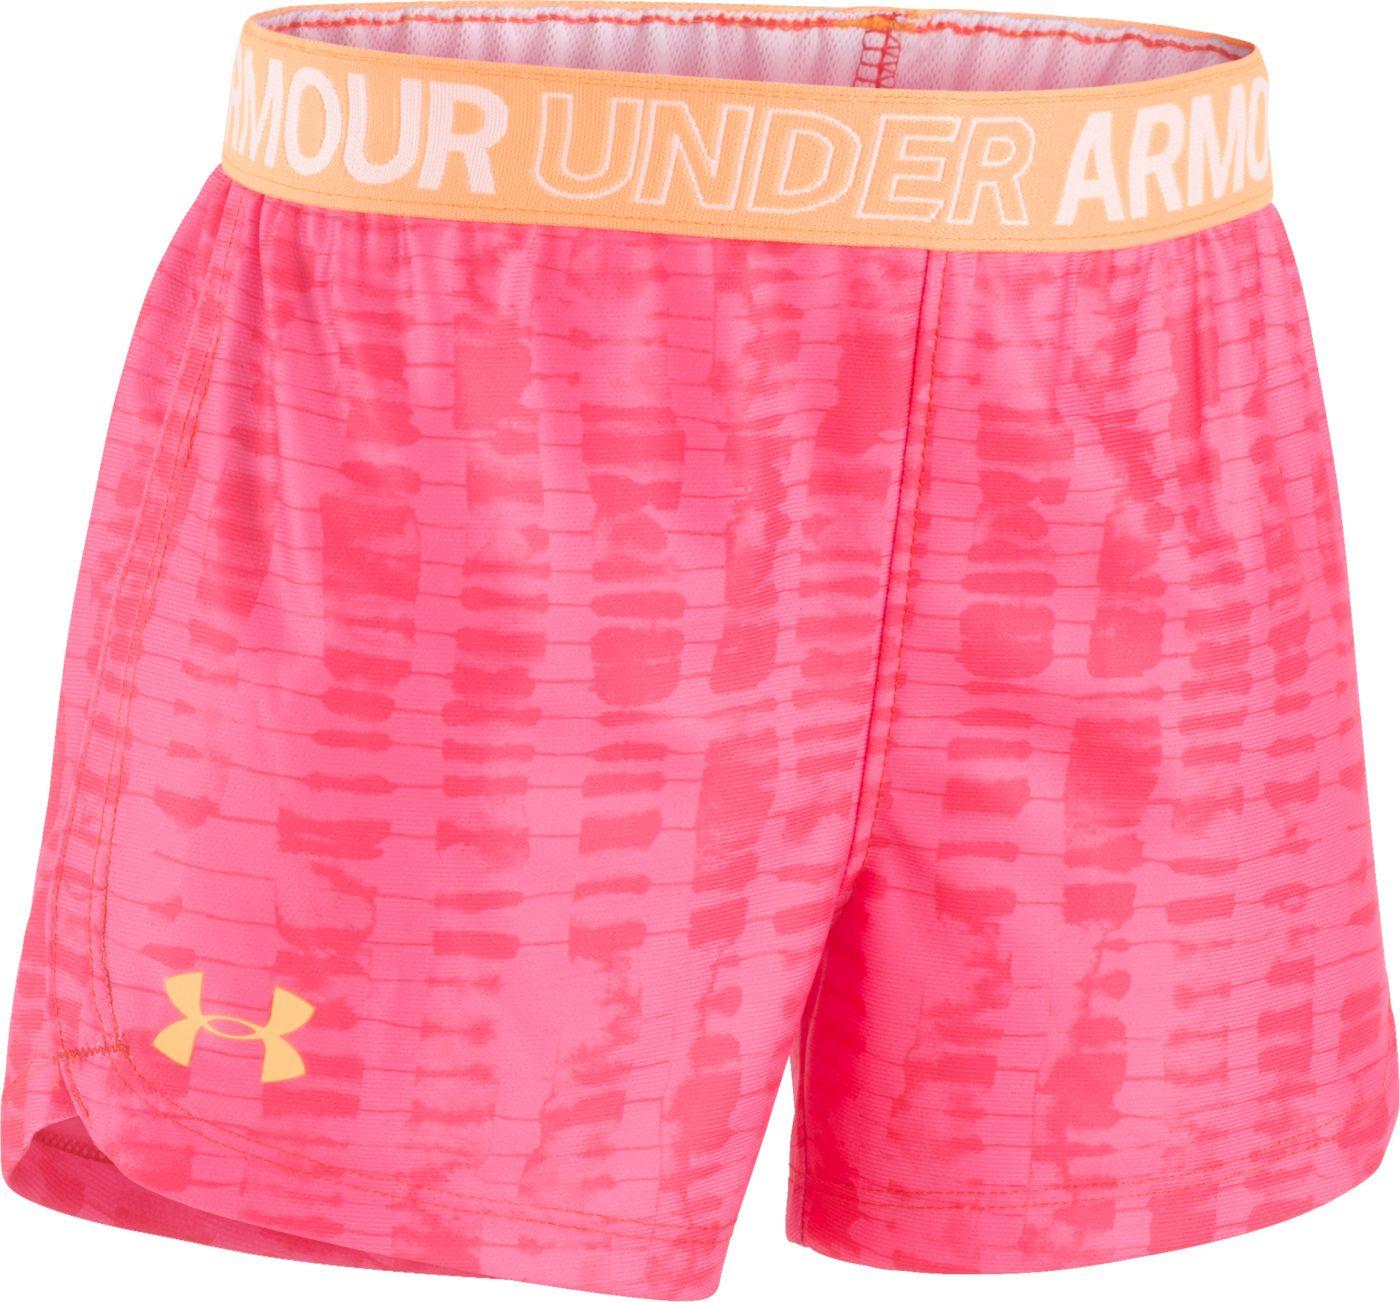 Under Armour Little Girls' Haze Play Up Shorts